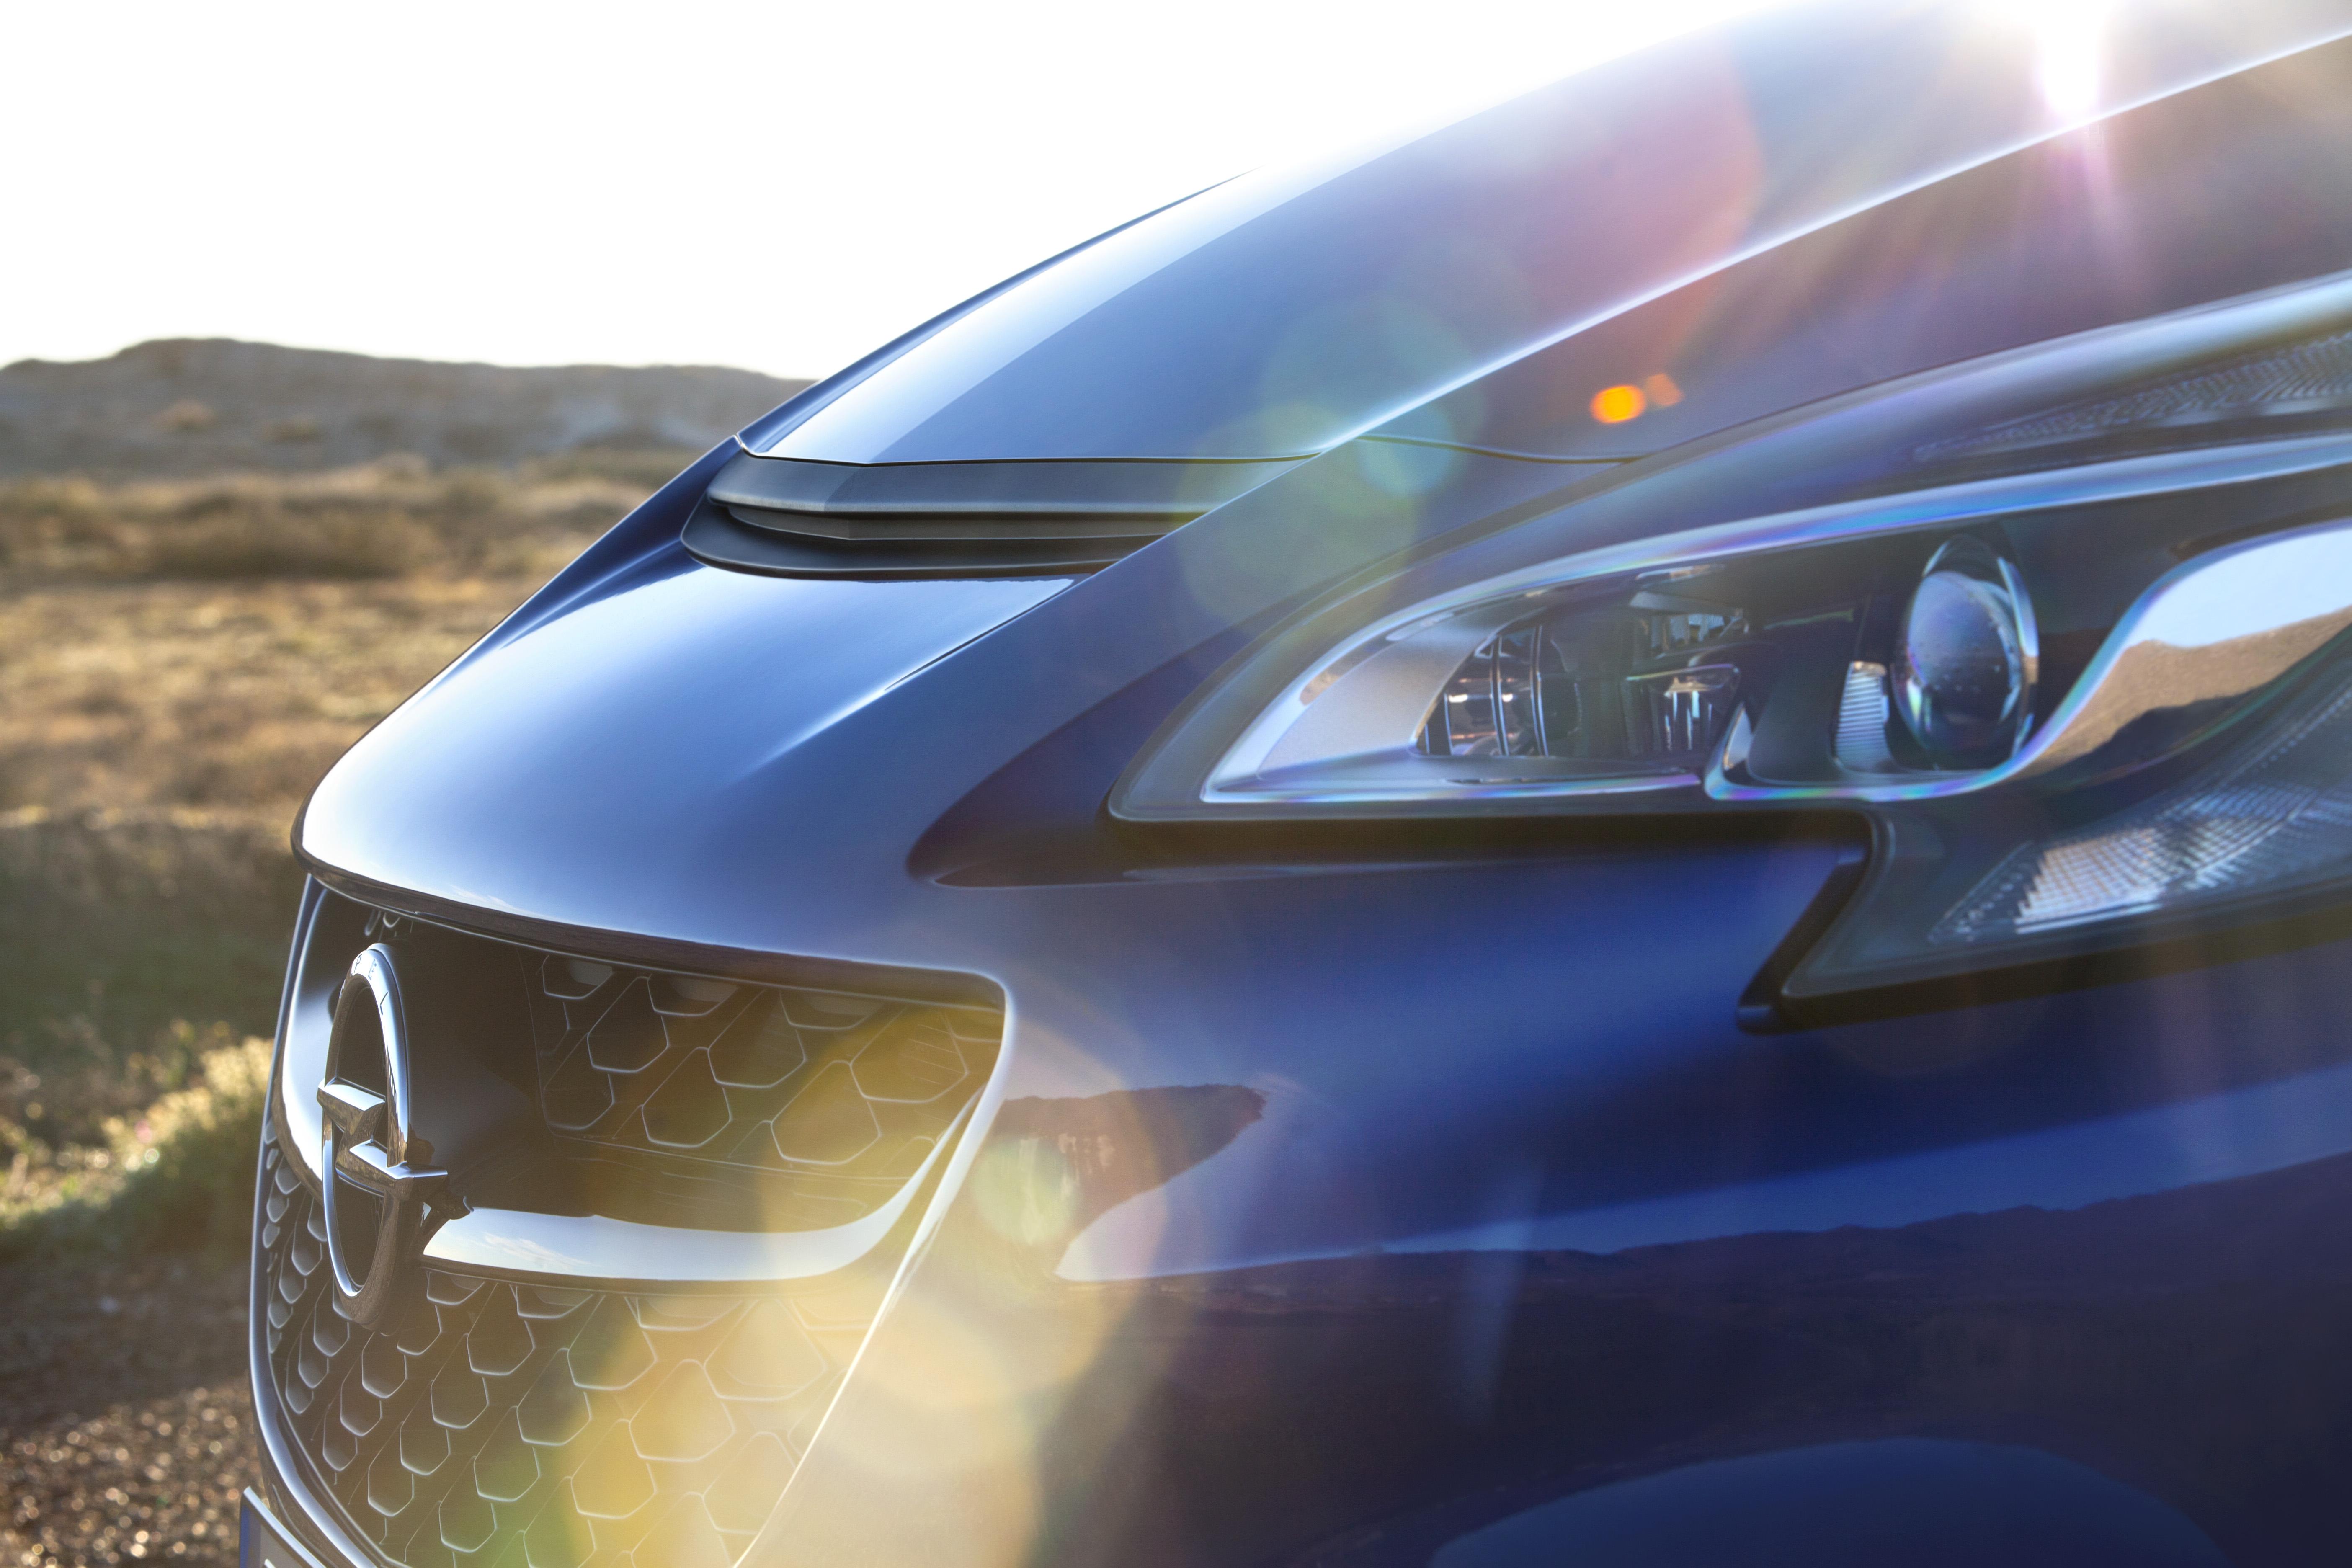 Nuova Opel Corsa OPC: l'atleta debutta a Ginevra